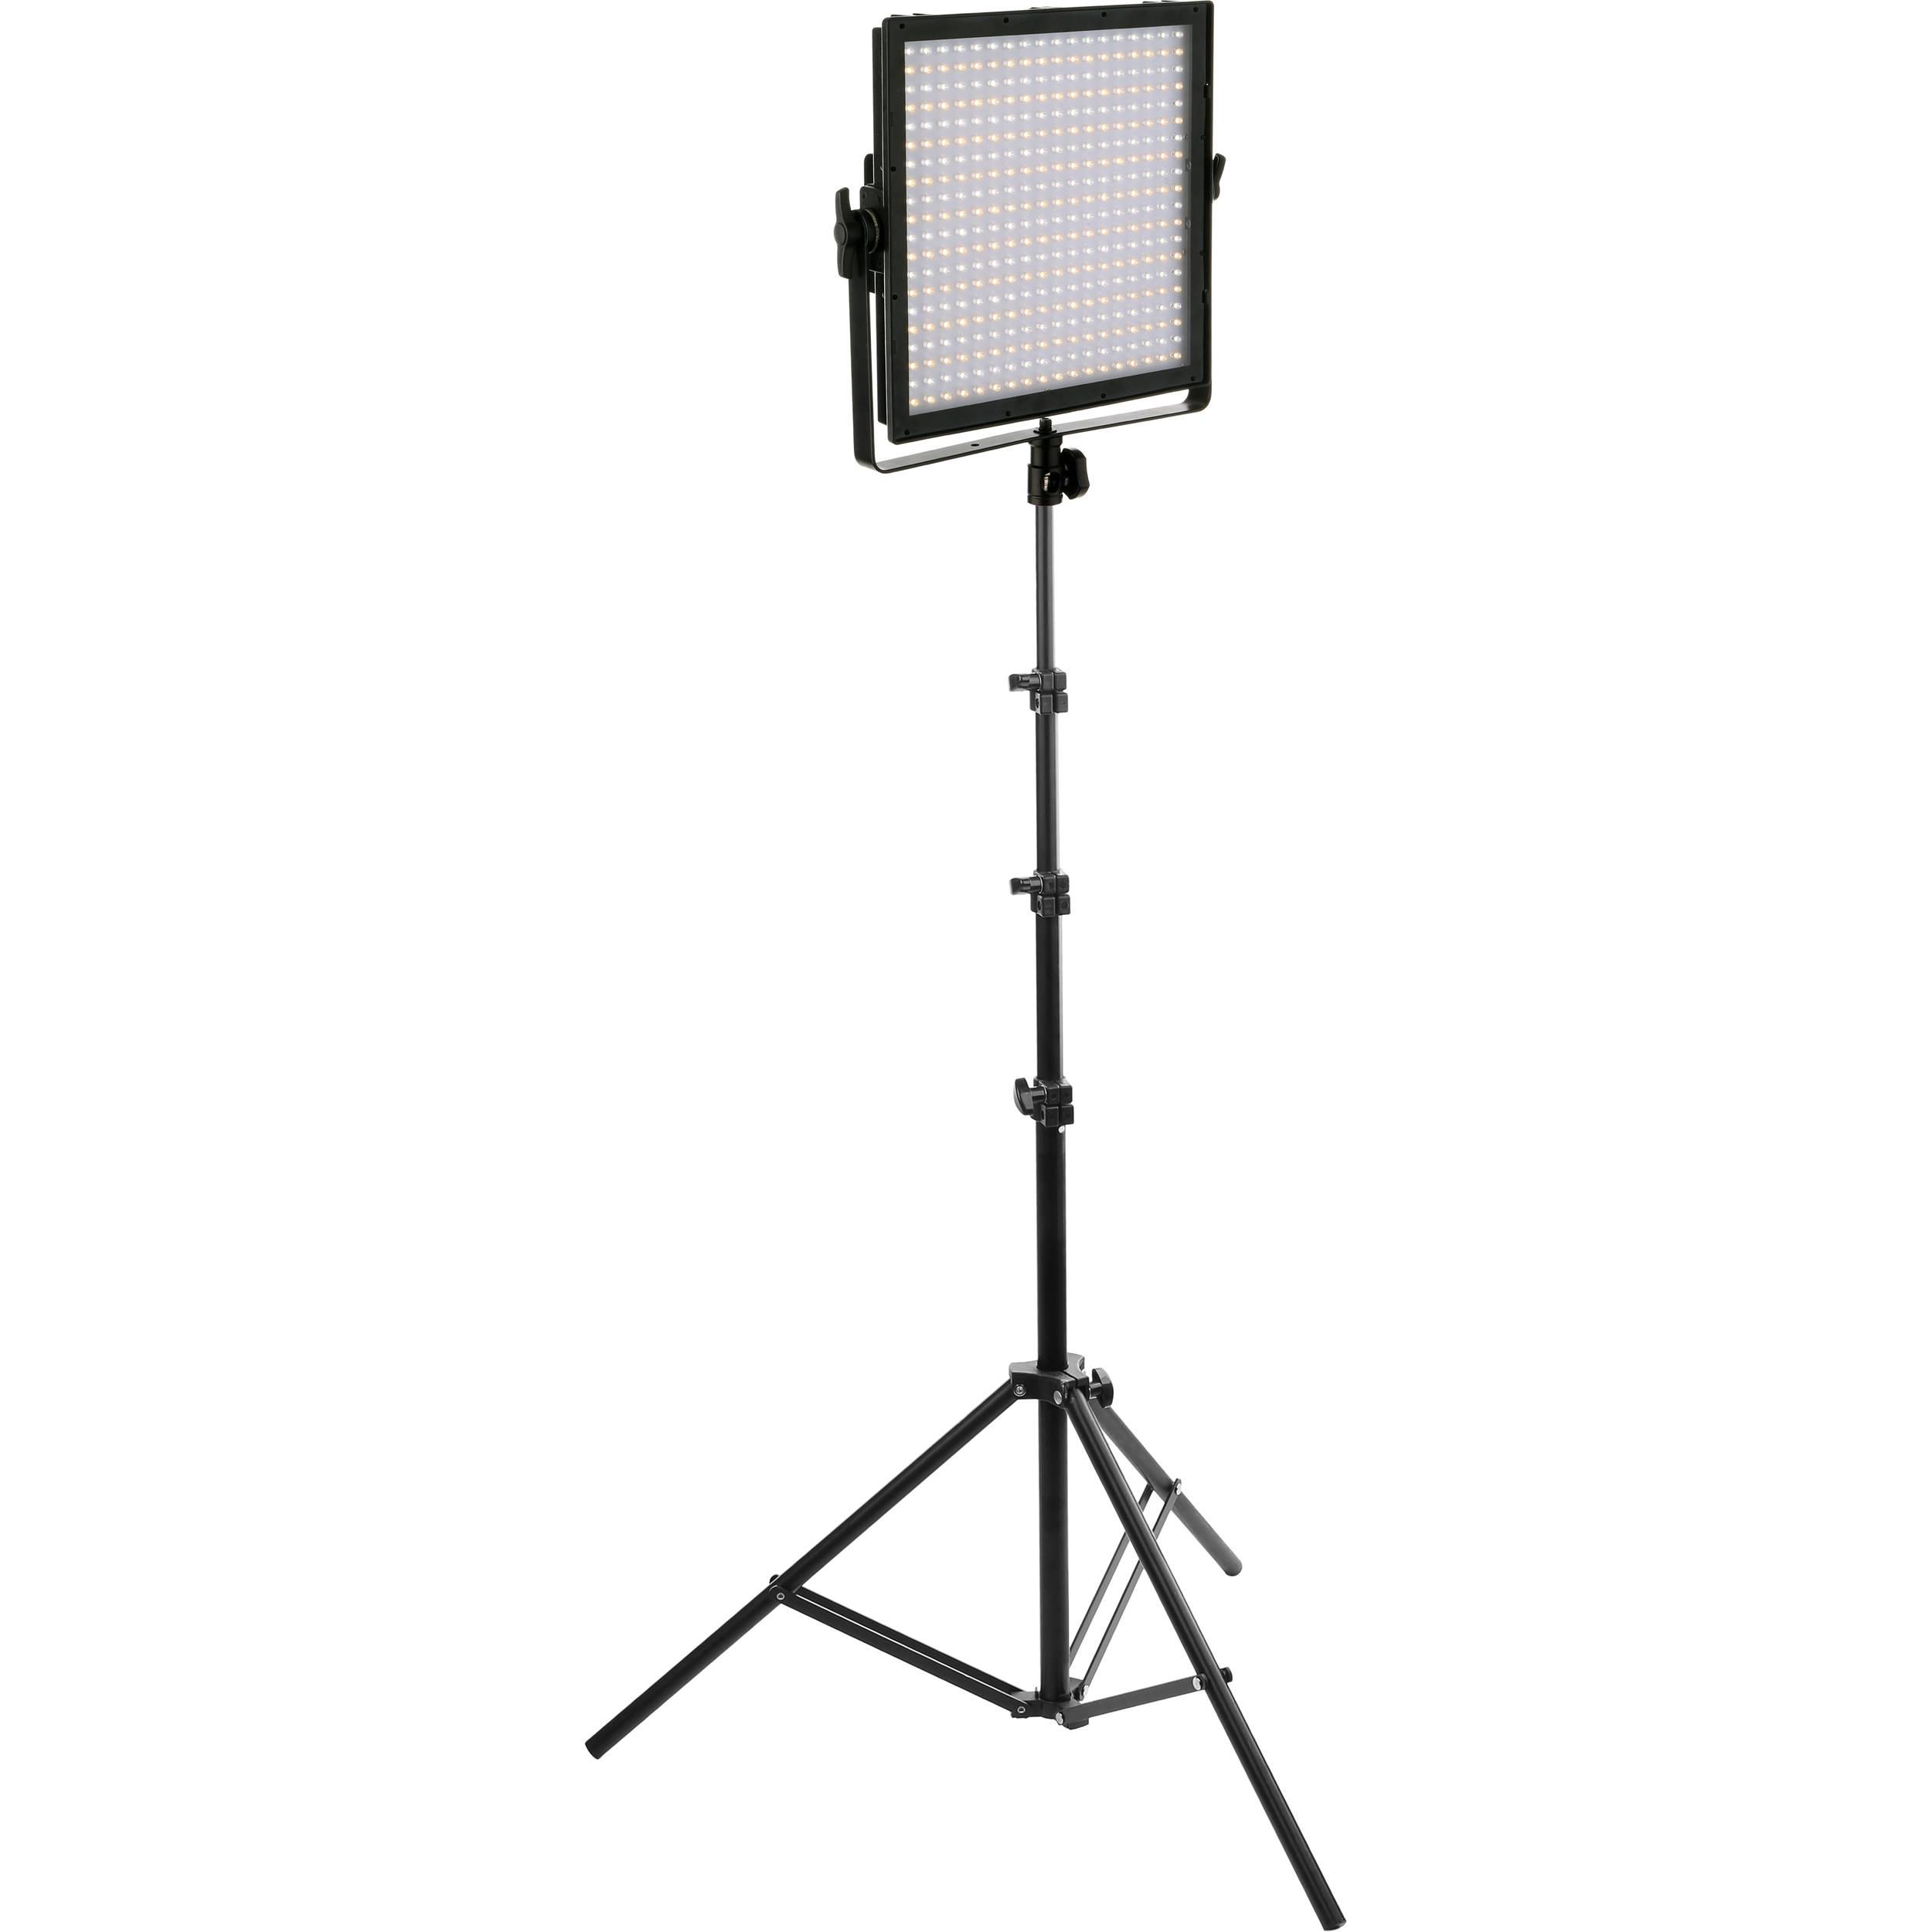 Genaray Spectroled Essential 360 Bi Color Led Light